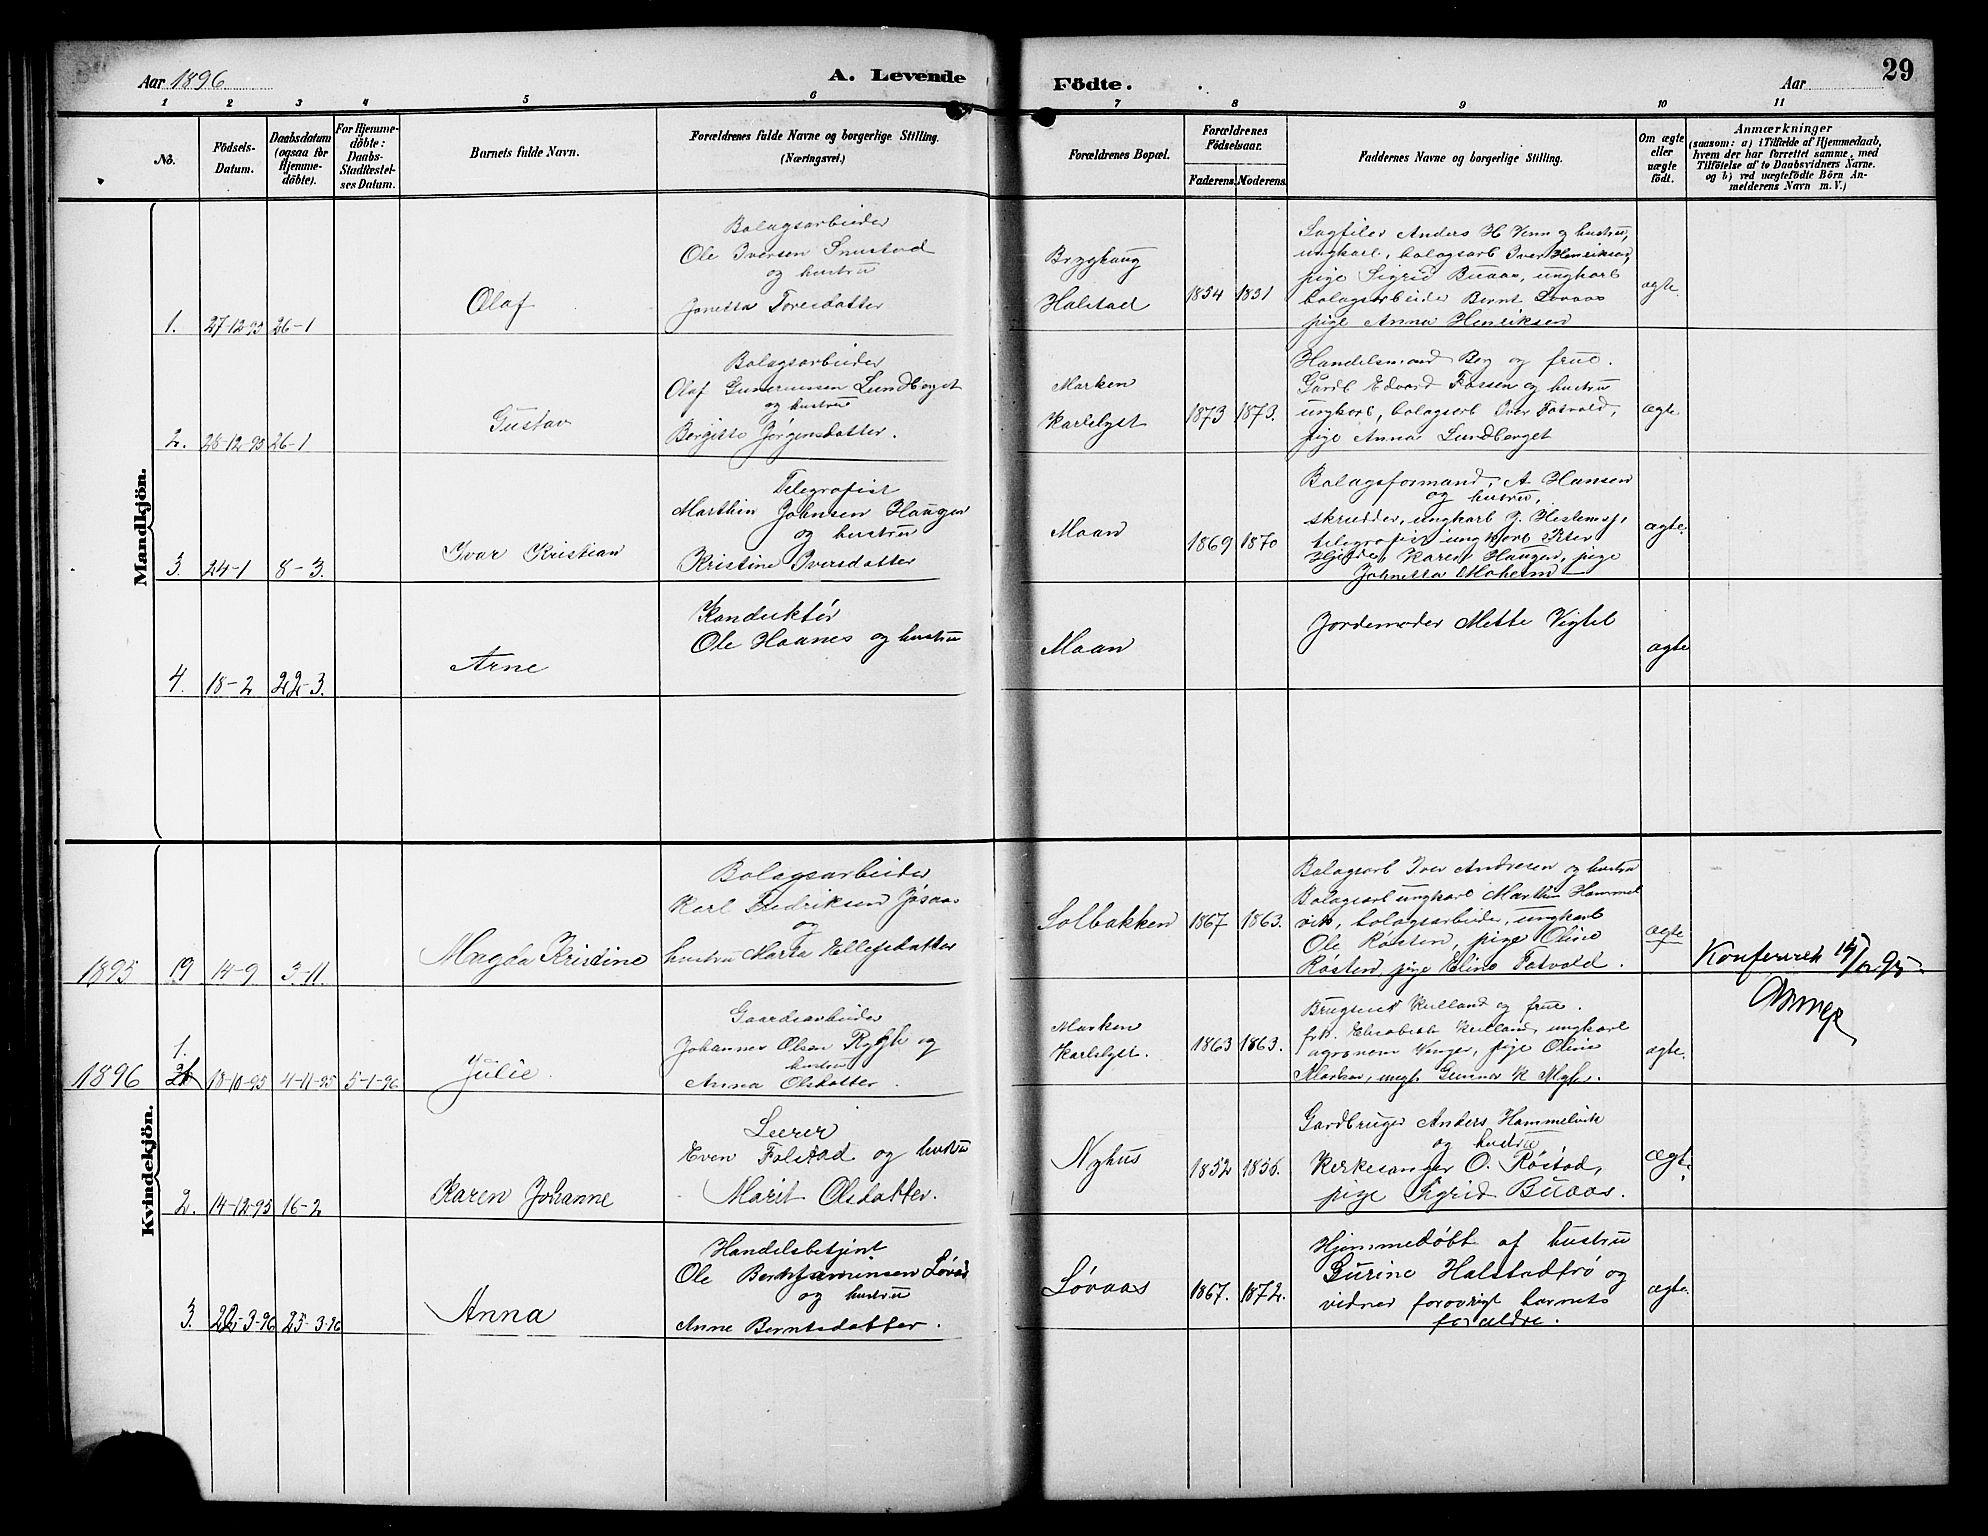 SAT, Ministerialprotokoller, klokkerbøker og fødselsregistre - Sør-Trøndelag, 617/L0431: Klokkerbok nr. 617C01, 1889-1910, s. 29